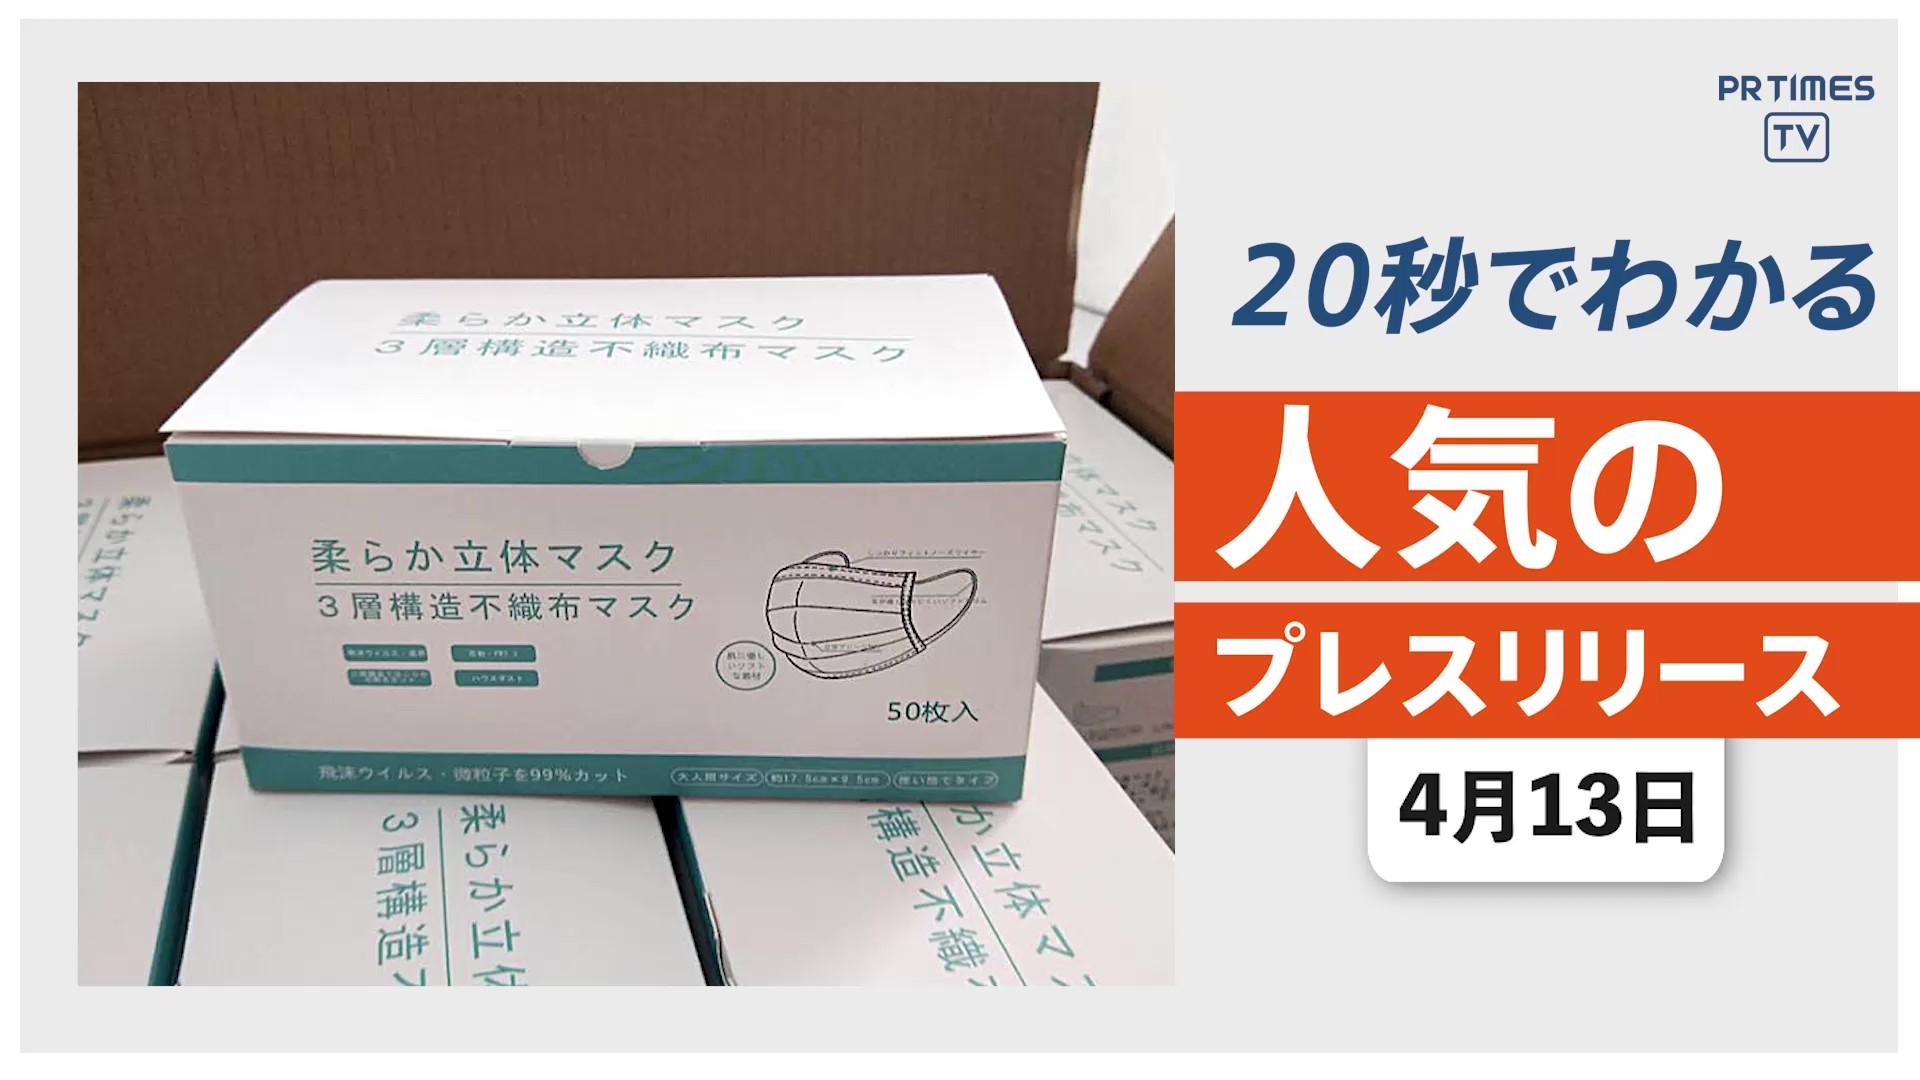 【Gloture社 自社のECサイトにて マスクの販売を開始】他、新着トレンド4月13日